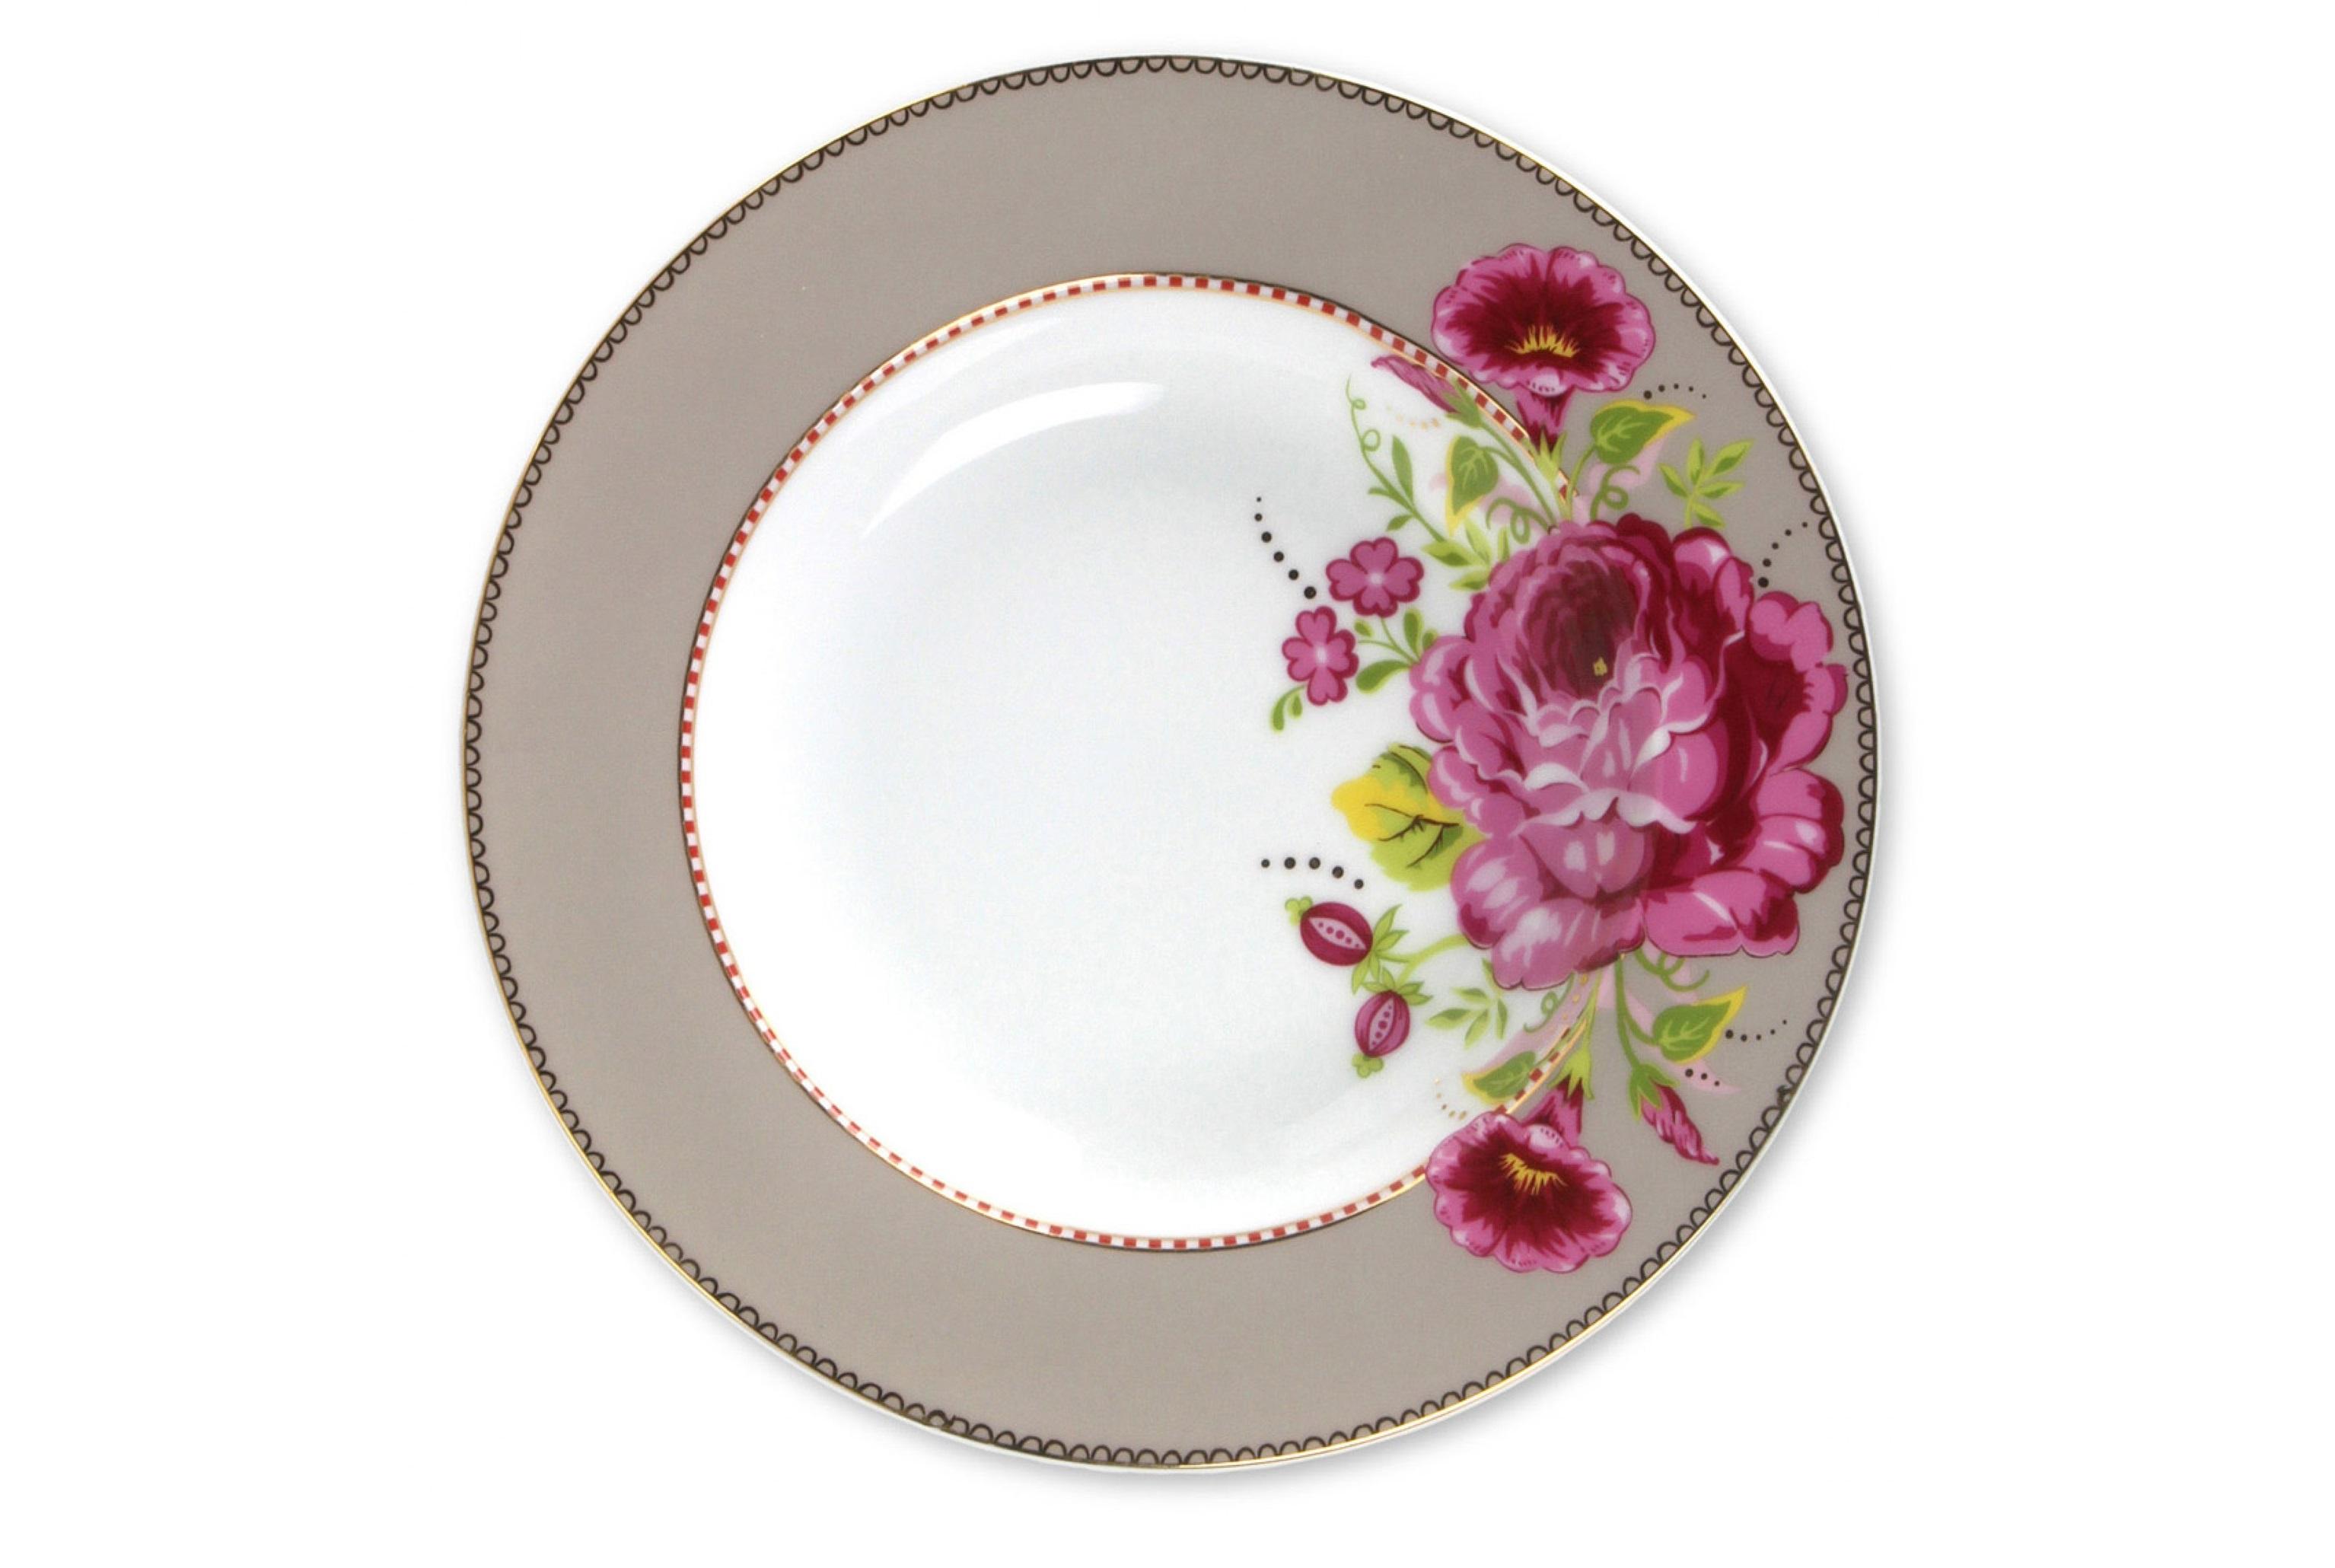 Набор глубоких тарелок Floral Khaki (2шт)Тарелки<br>Коллекция посуды Floral появилась в 2008 г. и состоит из нескольких дизайнов, которые прекрасно сочетаются между собой и отлично дополняют друг друга. Особенность коллекции - в декорировании цветами, птицами и позолотой на всех предметах. Коллекция состоит из трёх цветовых групп - розовой, хаки и голубой, которые можно бесконечно комбинировать между собой. Коллекция также включает в себя кухонный текстиль и стекло.&amp;lt;div&amp;gt;&amp;lt;br&amp;gt;&amp;lt;/div&amp;gt;&amp;lt;div&amp;gt;&amp;lt;span style=&amp;quot;font-size: 14px;&amp;quot;&amp;gt;Не использовать в микроволновой печи. Не рекомендуется мыть в посудомоечной машине.&amp;amp;nbsp;&amp;lt;/span&amp;gt;&amp;lt;br&amp;gt;&amp;lt;/div&amp;gt;<br><br>Material: Фарфор<br>Высота см: 3